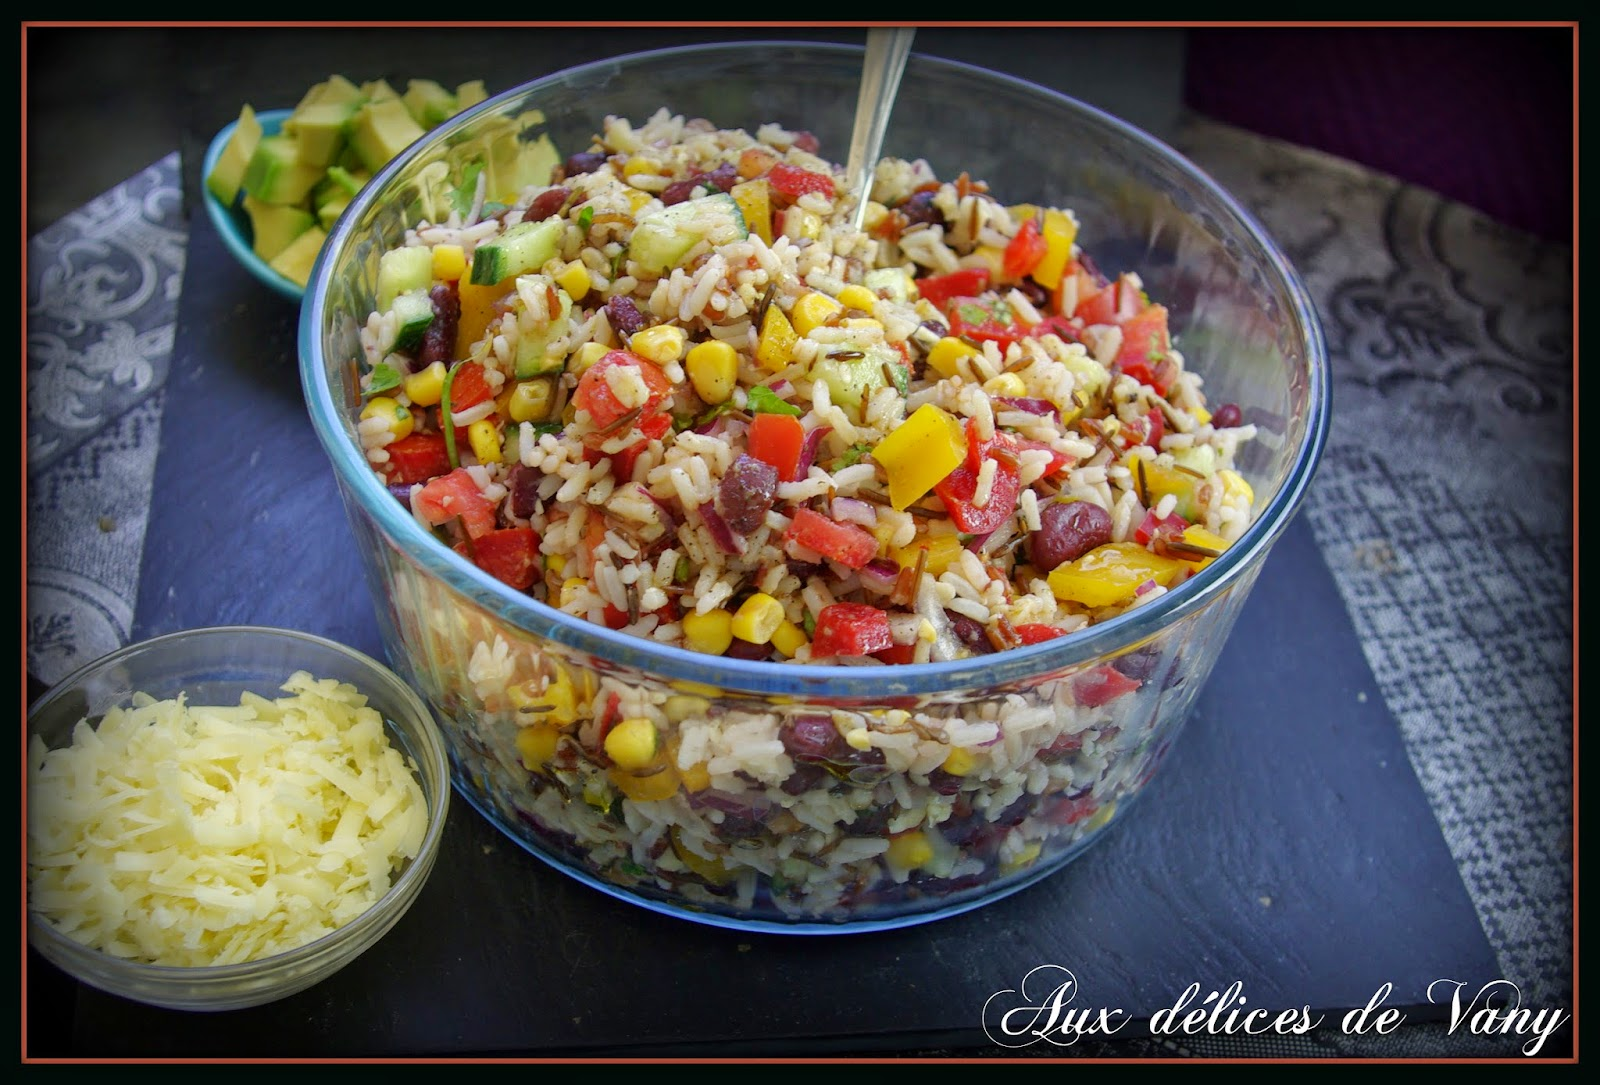 salade tex mex aux 3 riz et haricots rouges v g tarien et sans gluten. Black Bedroom Furniture Sets. Home Design Ideas